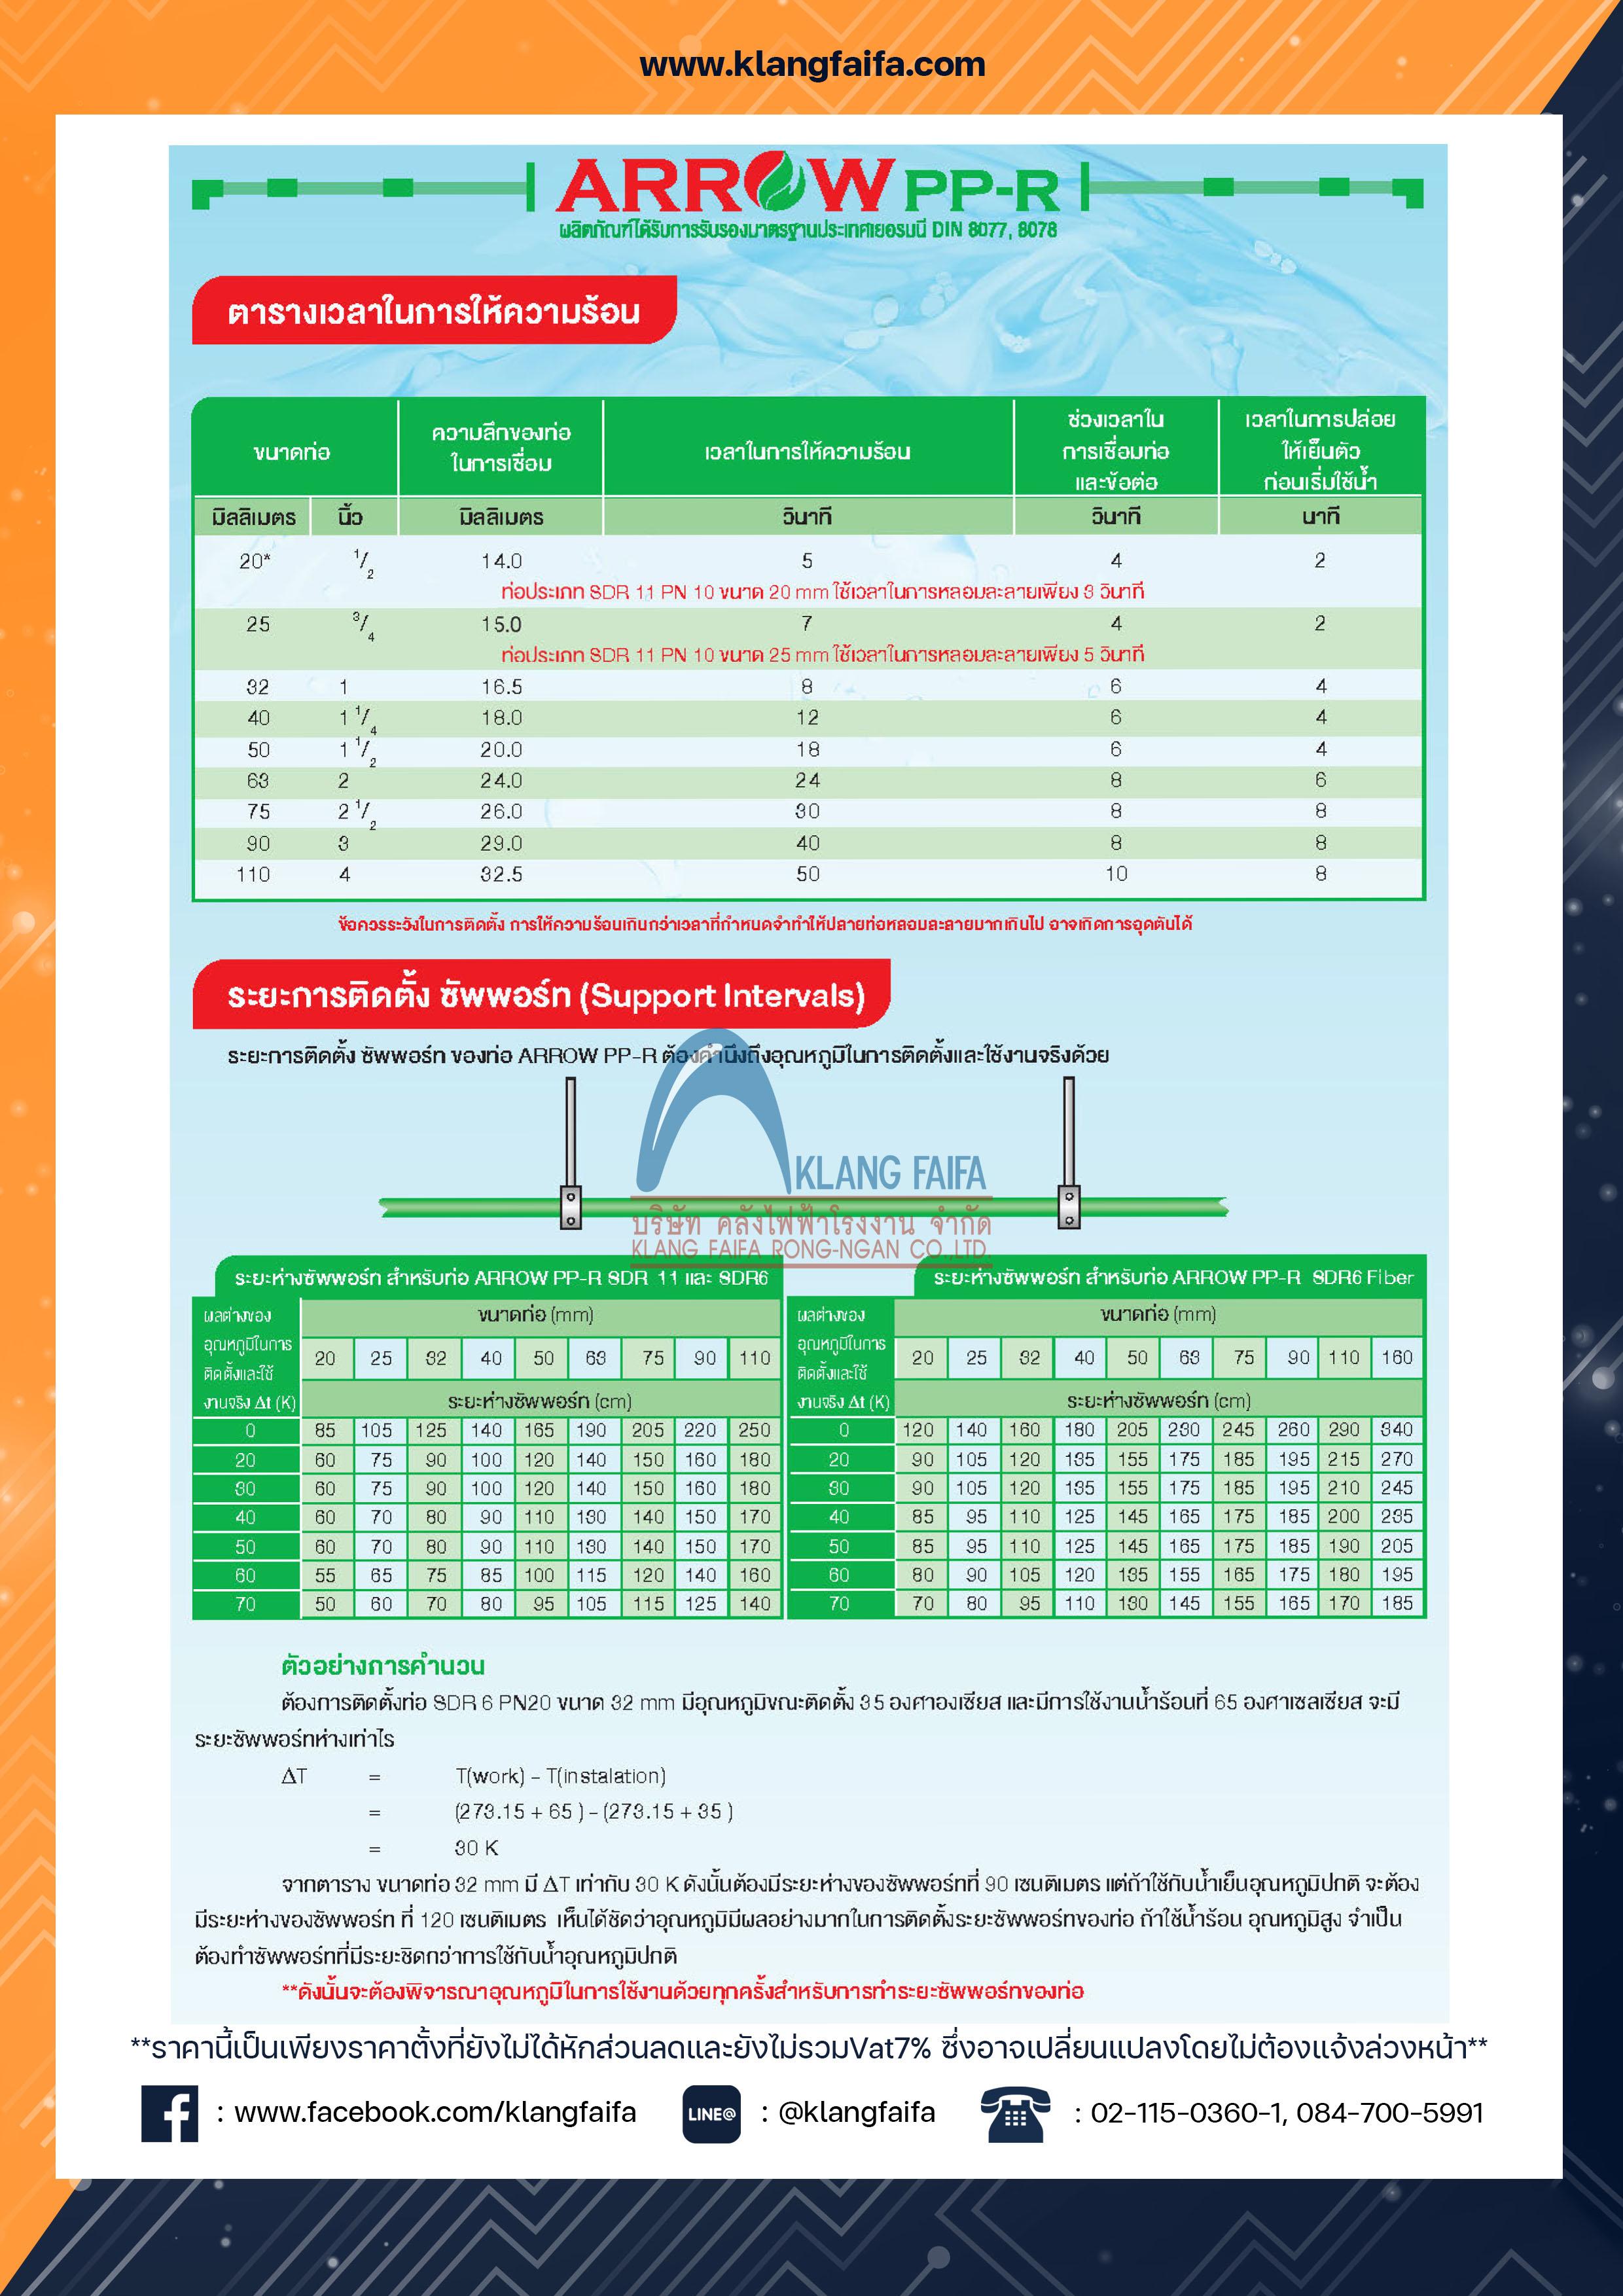 ท่อพีพีอาร์,ท่อppr,ท่อน้ำARROW_PPR,ท่อเขียว,fittingท่อPPR,1